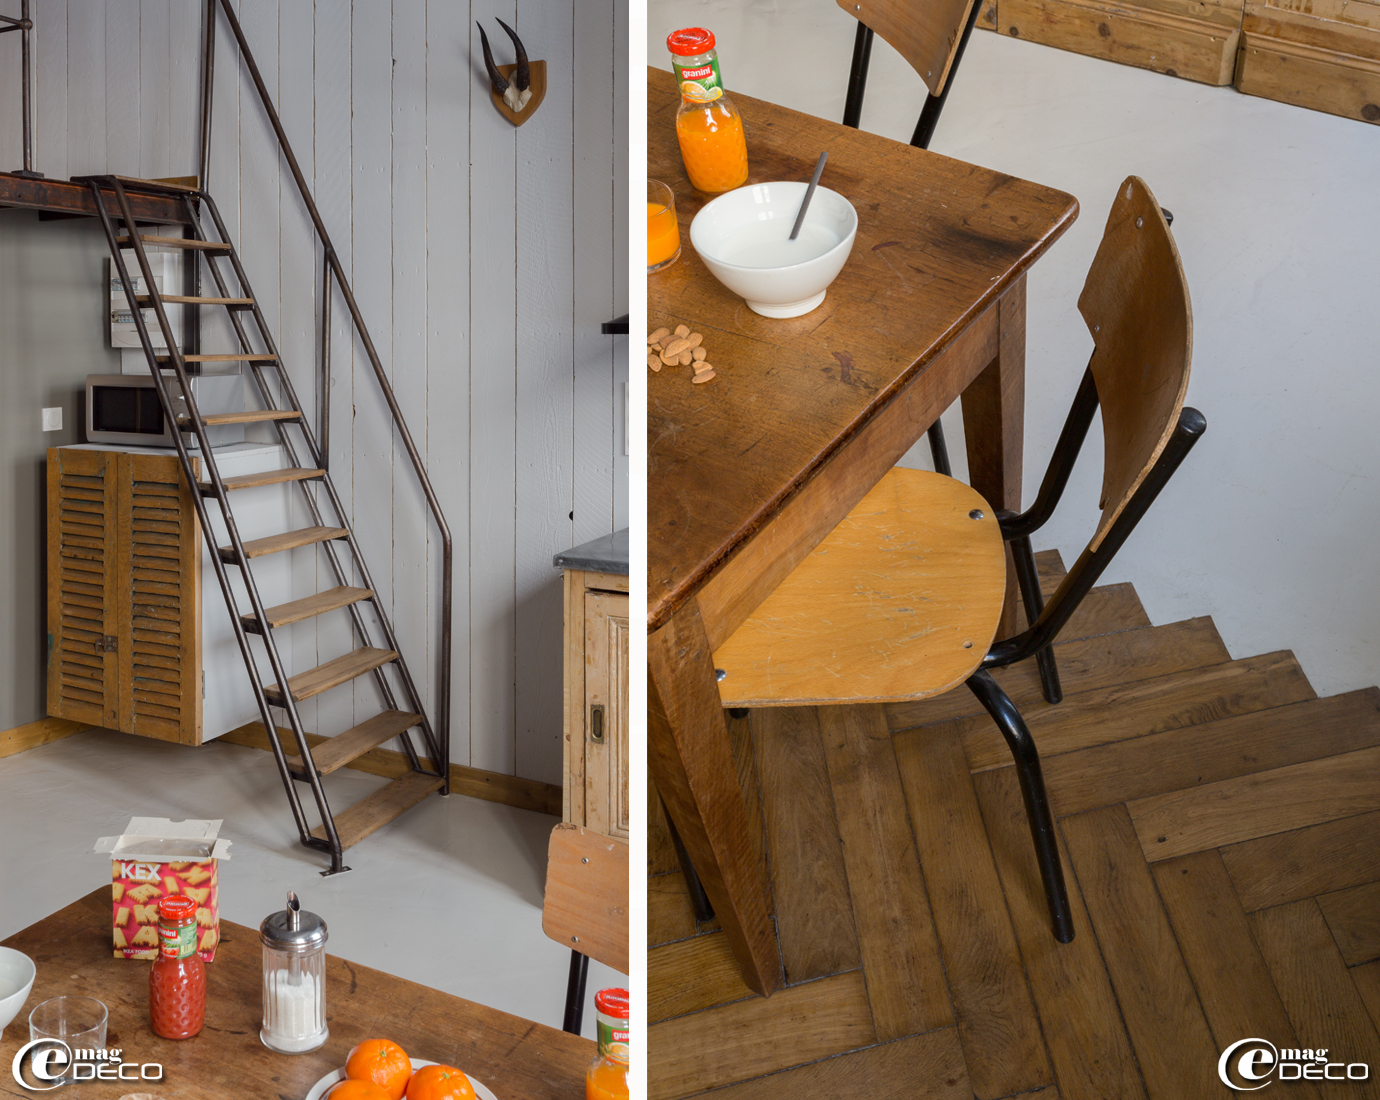 Escalier de mezzanine réalisé à partir d'un escabeau de maçon par Pierre Bresson, spécialiste en décoration industrielle, démarcation de sol entre un parquet et un béton lisse